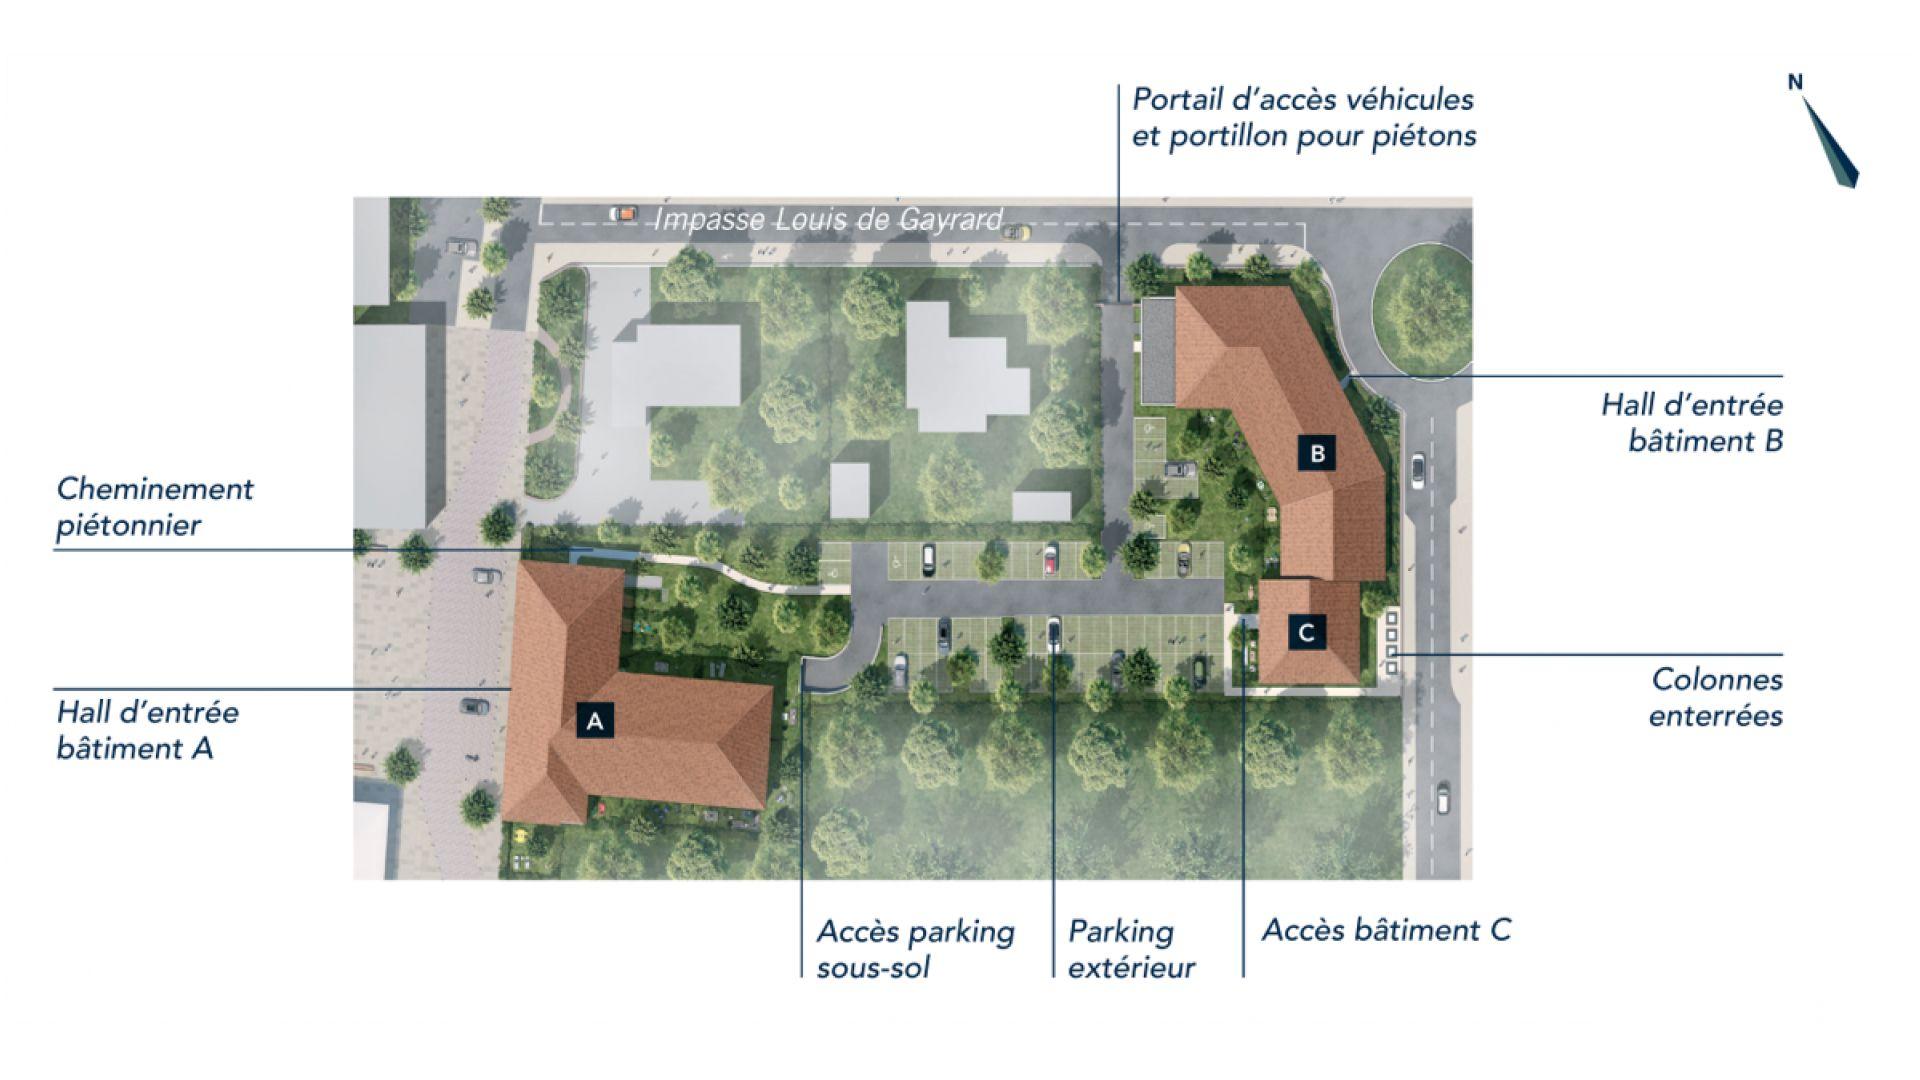 Greencity Immobilier - Le Rialto - achat appartements du T1 bis au T3 - Eaunes - Muret 31600 - plan de masse